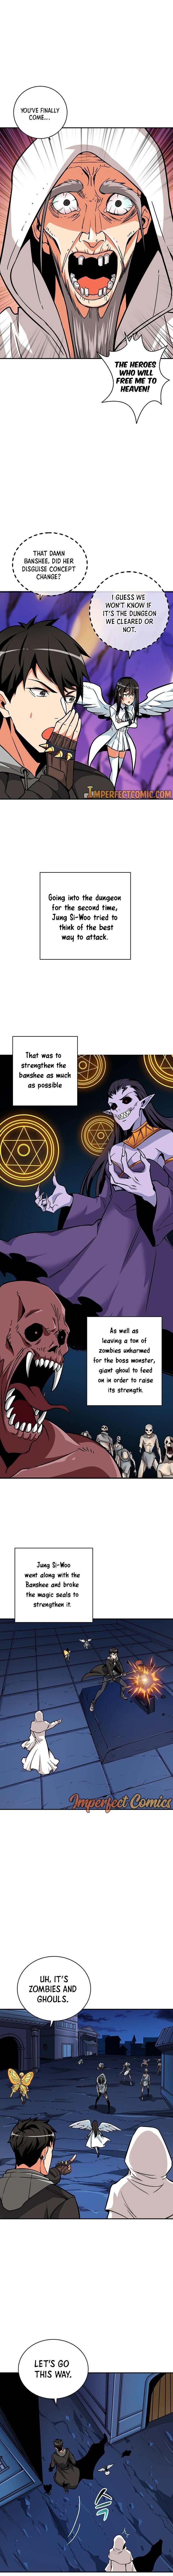 I Log In Alone Chapter 70 page 5 - Mangakakalots.com